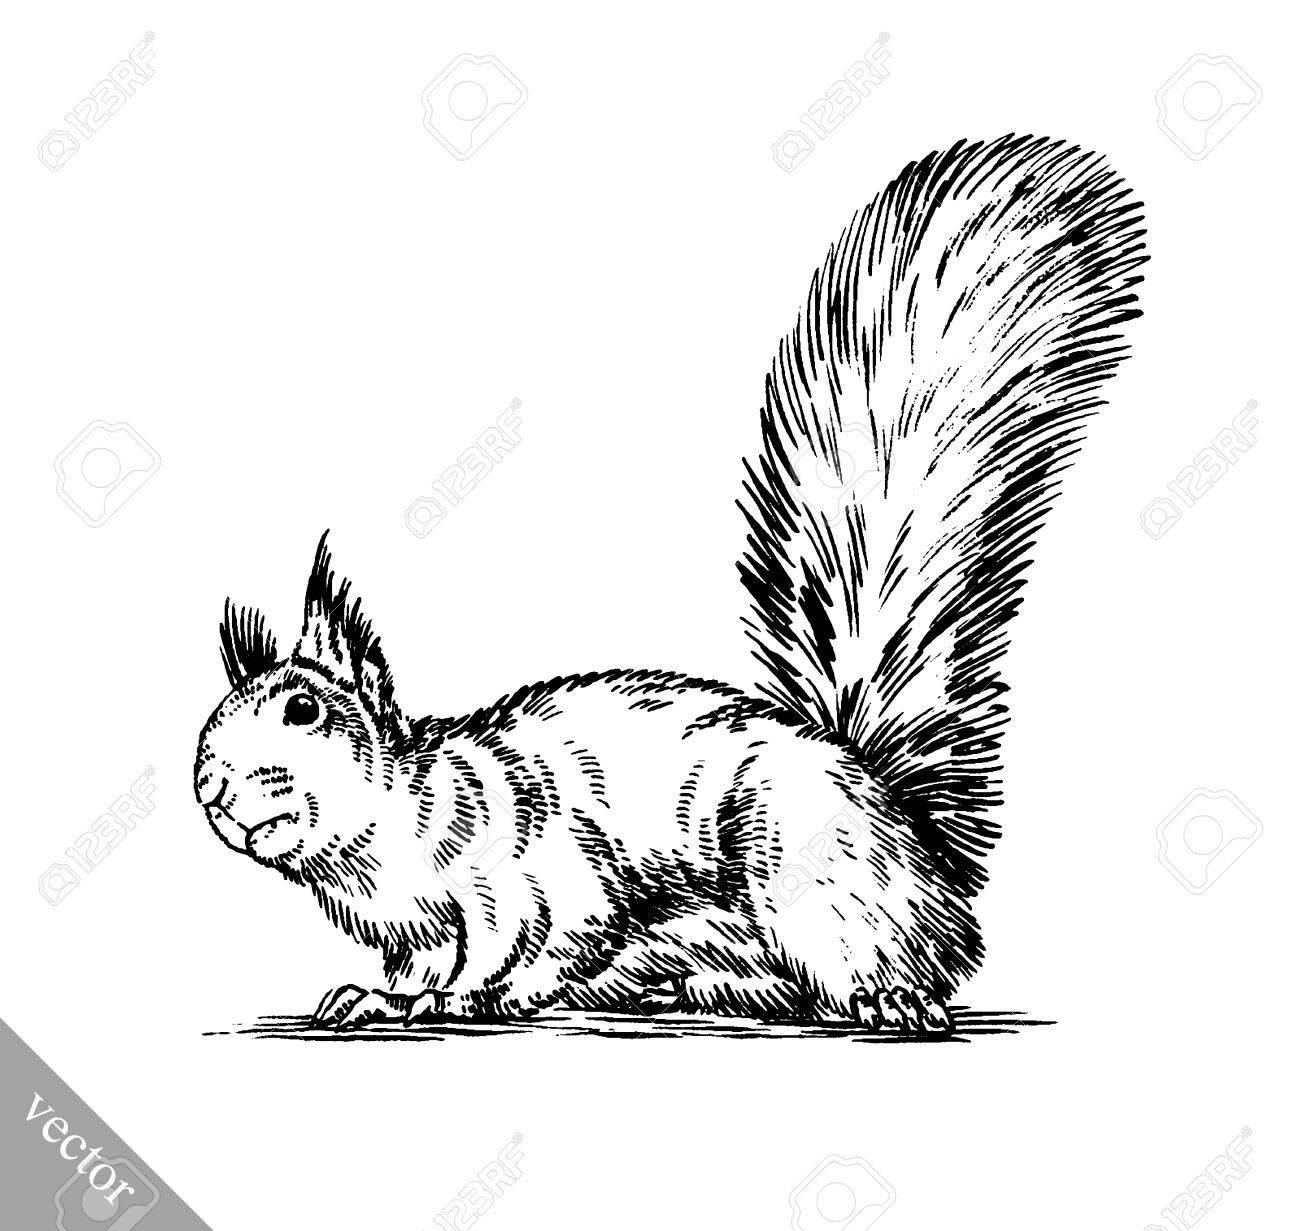 Schwarz Weiß Gravieren Tinte Isoliert Eichhörnchen Abbildung